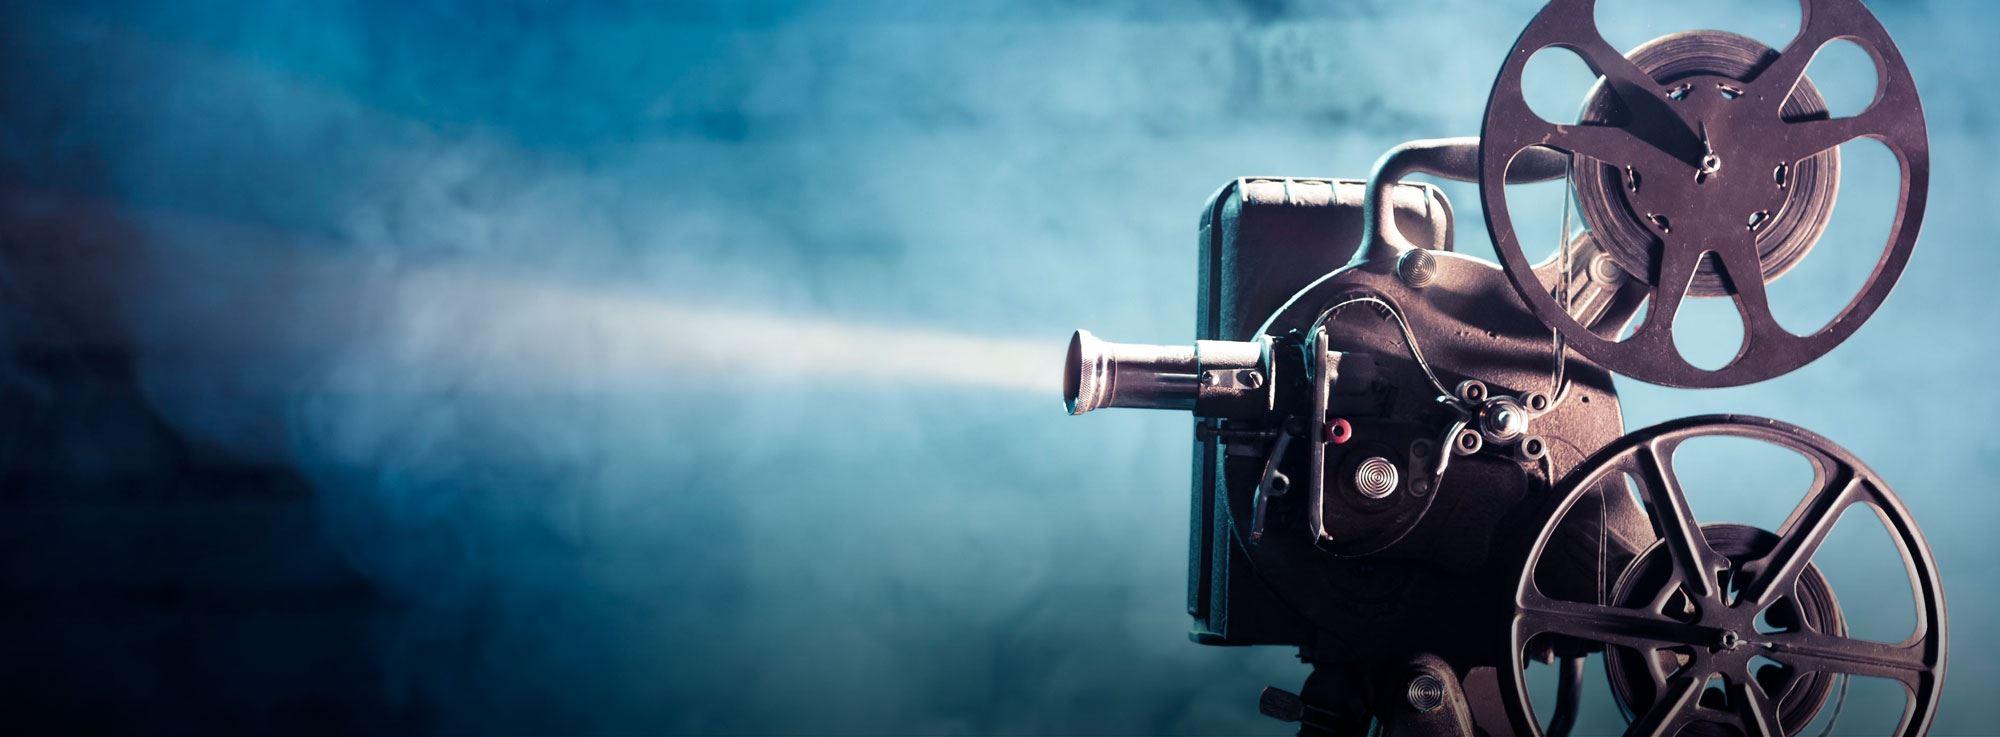 Brindisi: Rassegna del cinema d'autore